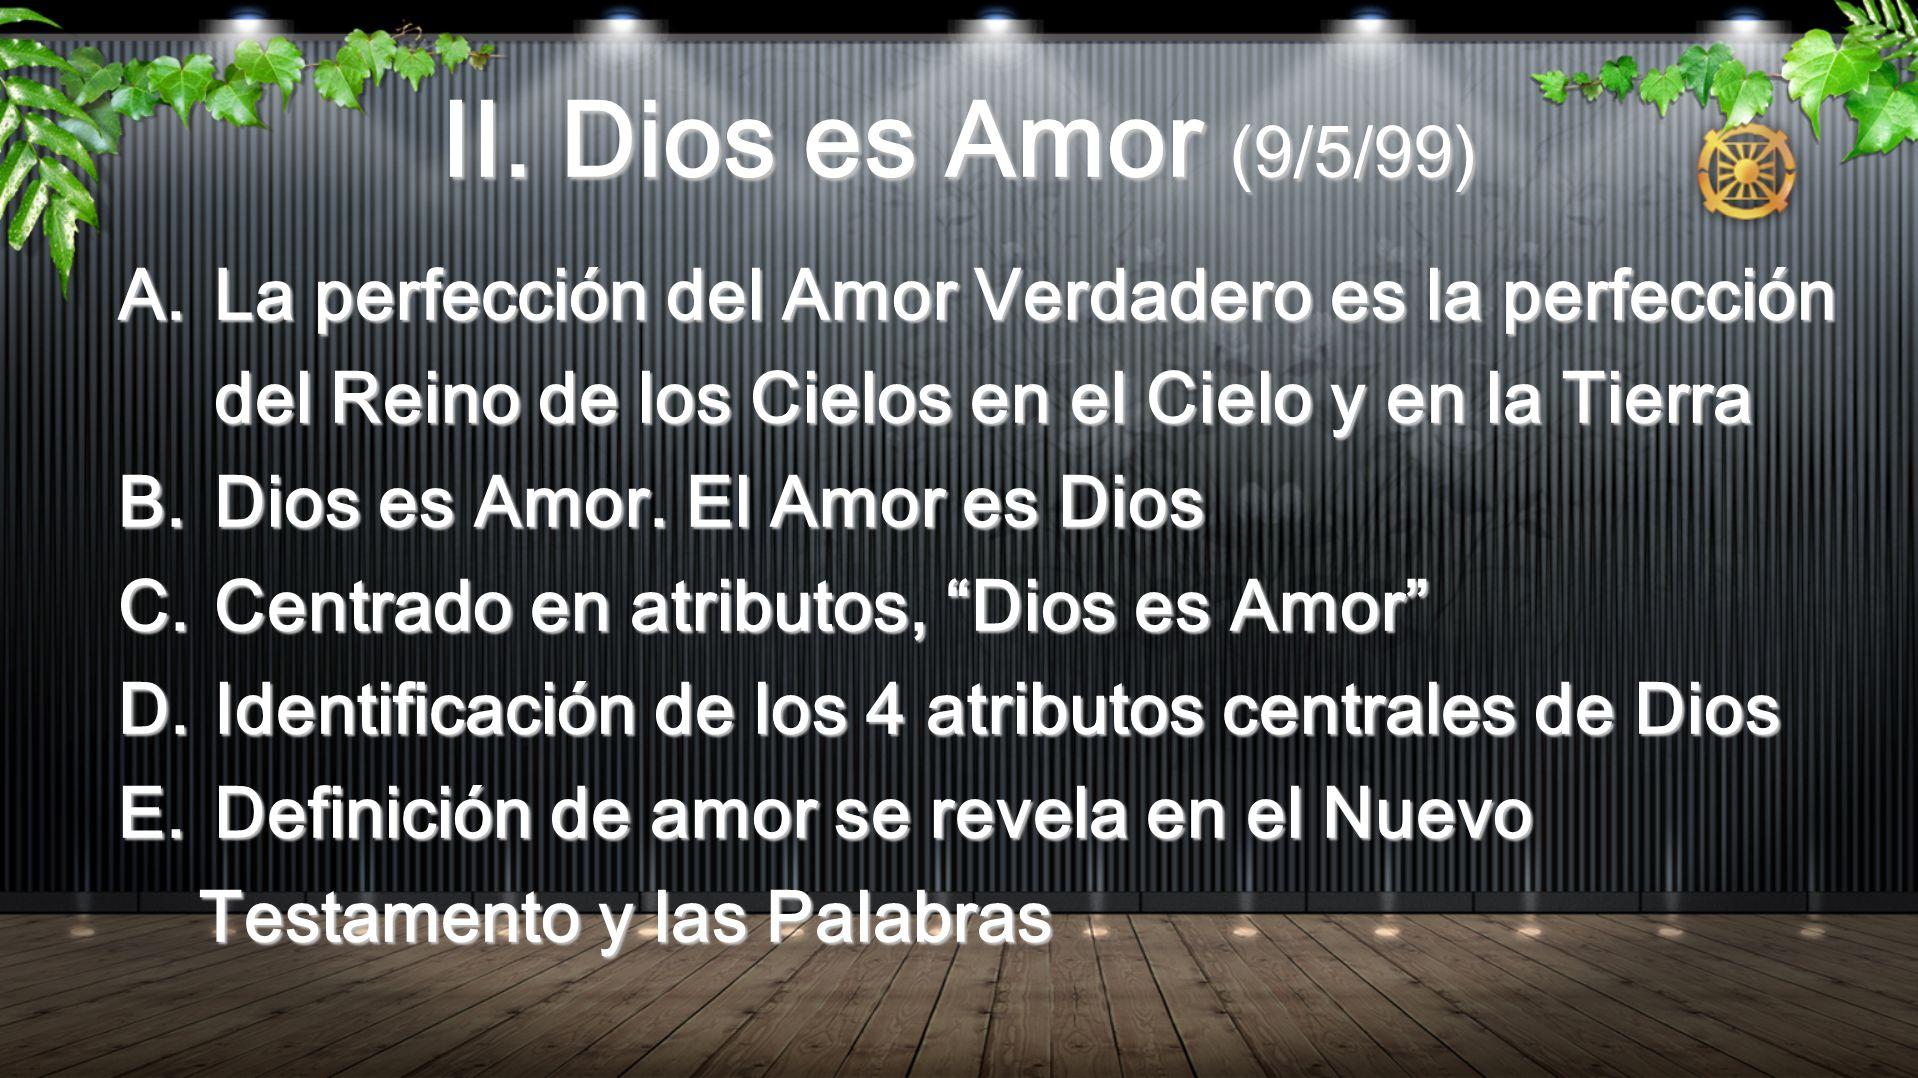 II. Dios es Amor (9/5/99) La perfección del Amor Verdadero es la perfección del Reino de los Cielos en el Cielo y en la Tierra.